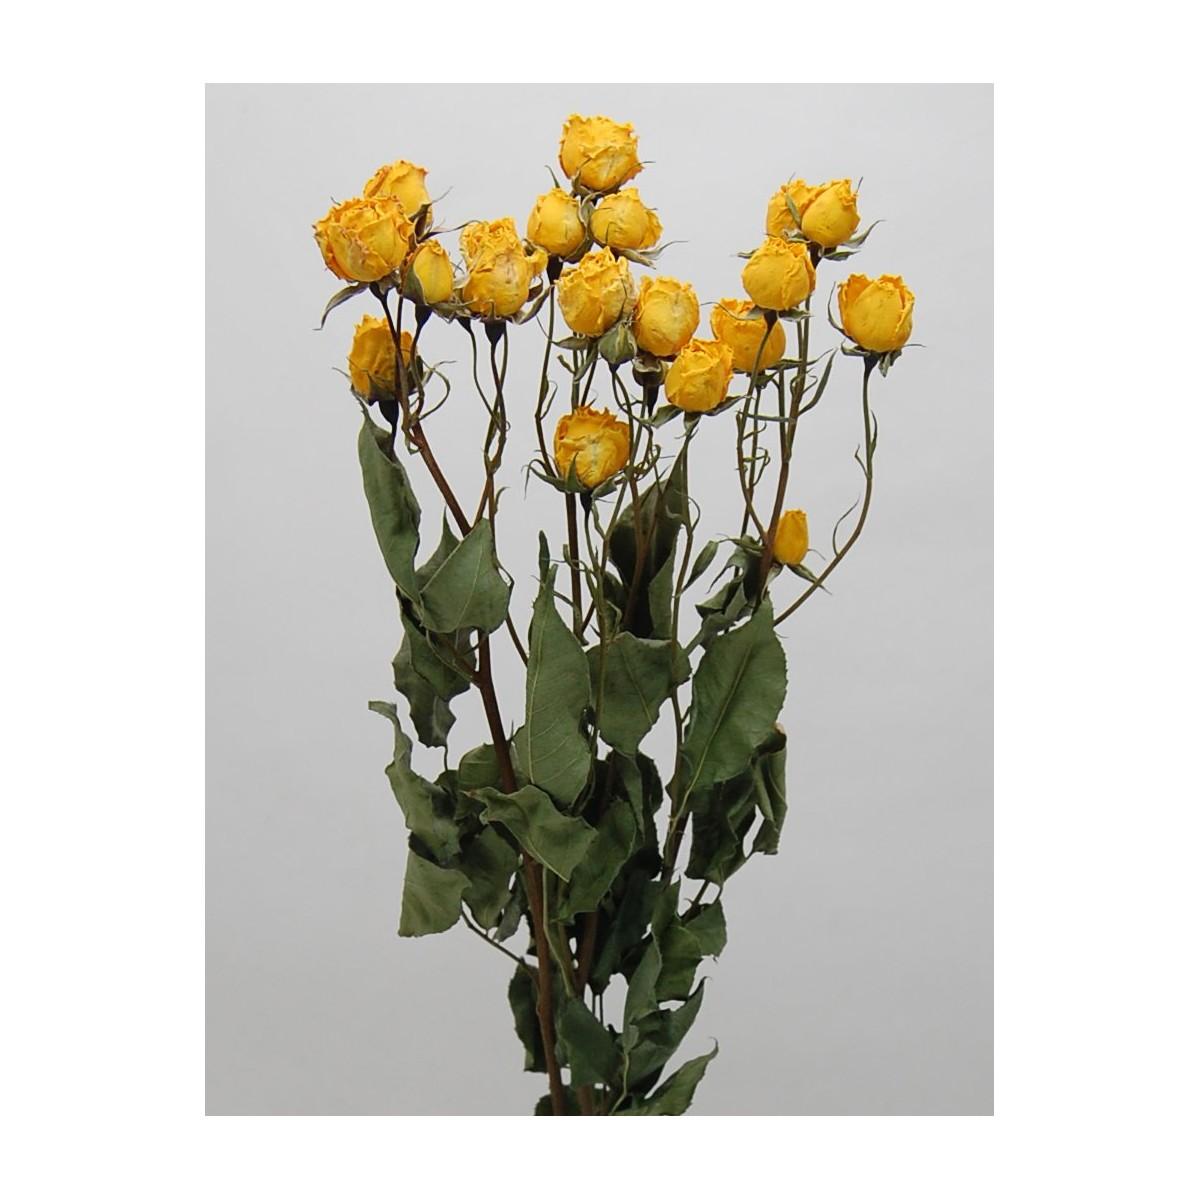 【ドライ】コアトレーディング/スプレーローズ・イエロー系 2~3本 ナチュラル/17825【21】【21】【取寄】[10束]《 ドライフラワー ドライフラワー花材 バラ(ローズ) 》